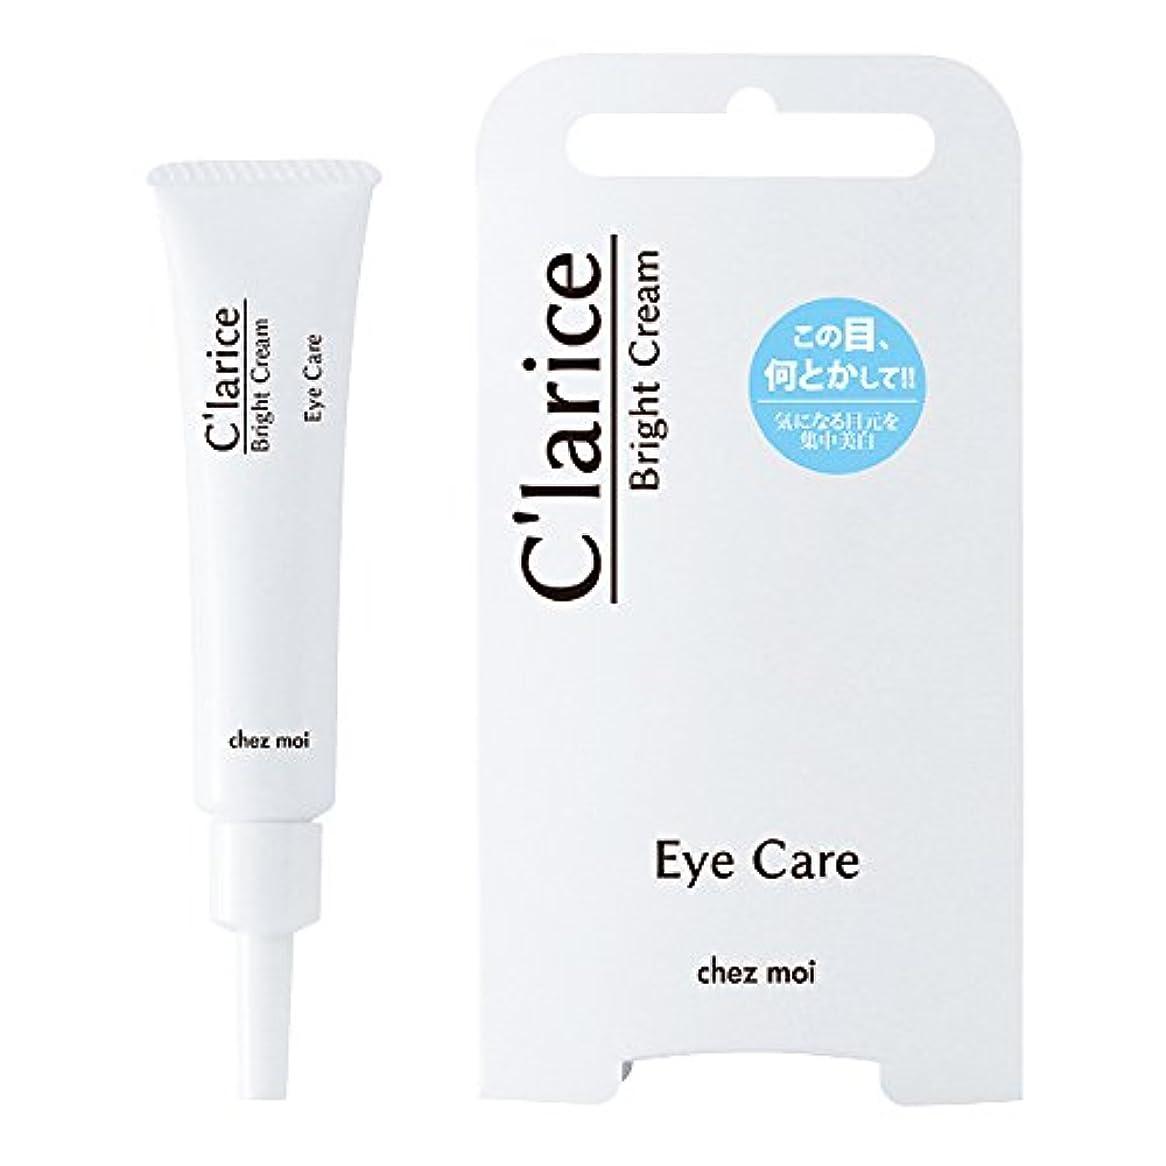 オーク提供する立場シェモア C'larice(クラリス) Bright Cream【医薬部外品】 15g